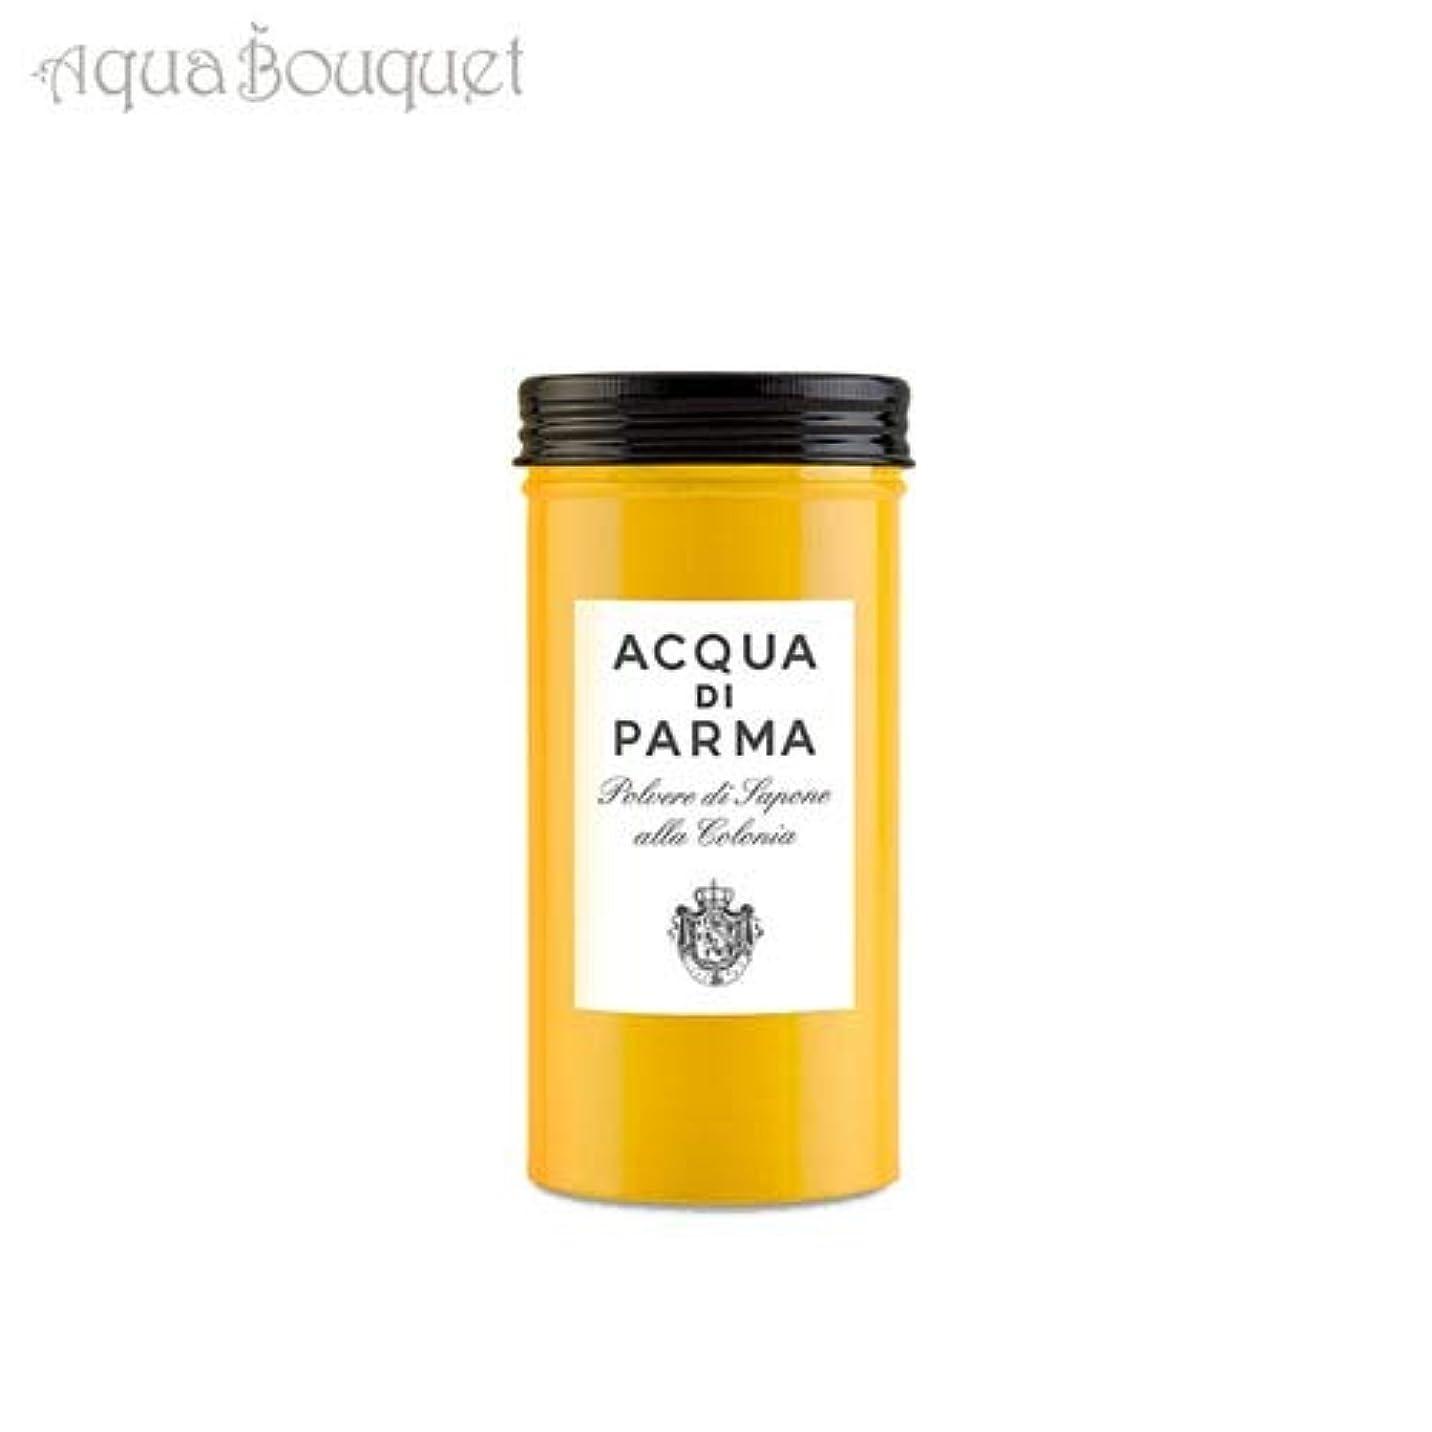 コンパスループクリーナーアクア ディ パルマ コロニア パウダーソープ 70g ACQUA DI PARMA COLONIA POWDER SOAP [0422] [並行輸入品]